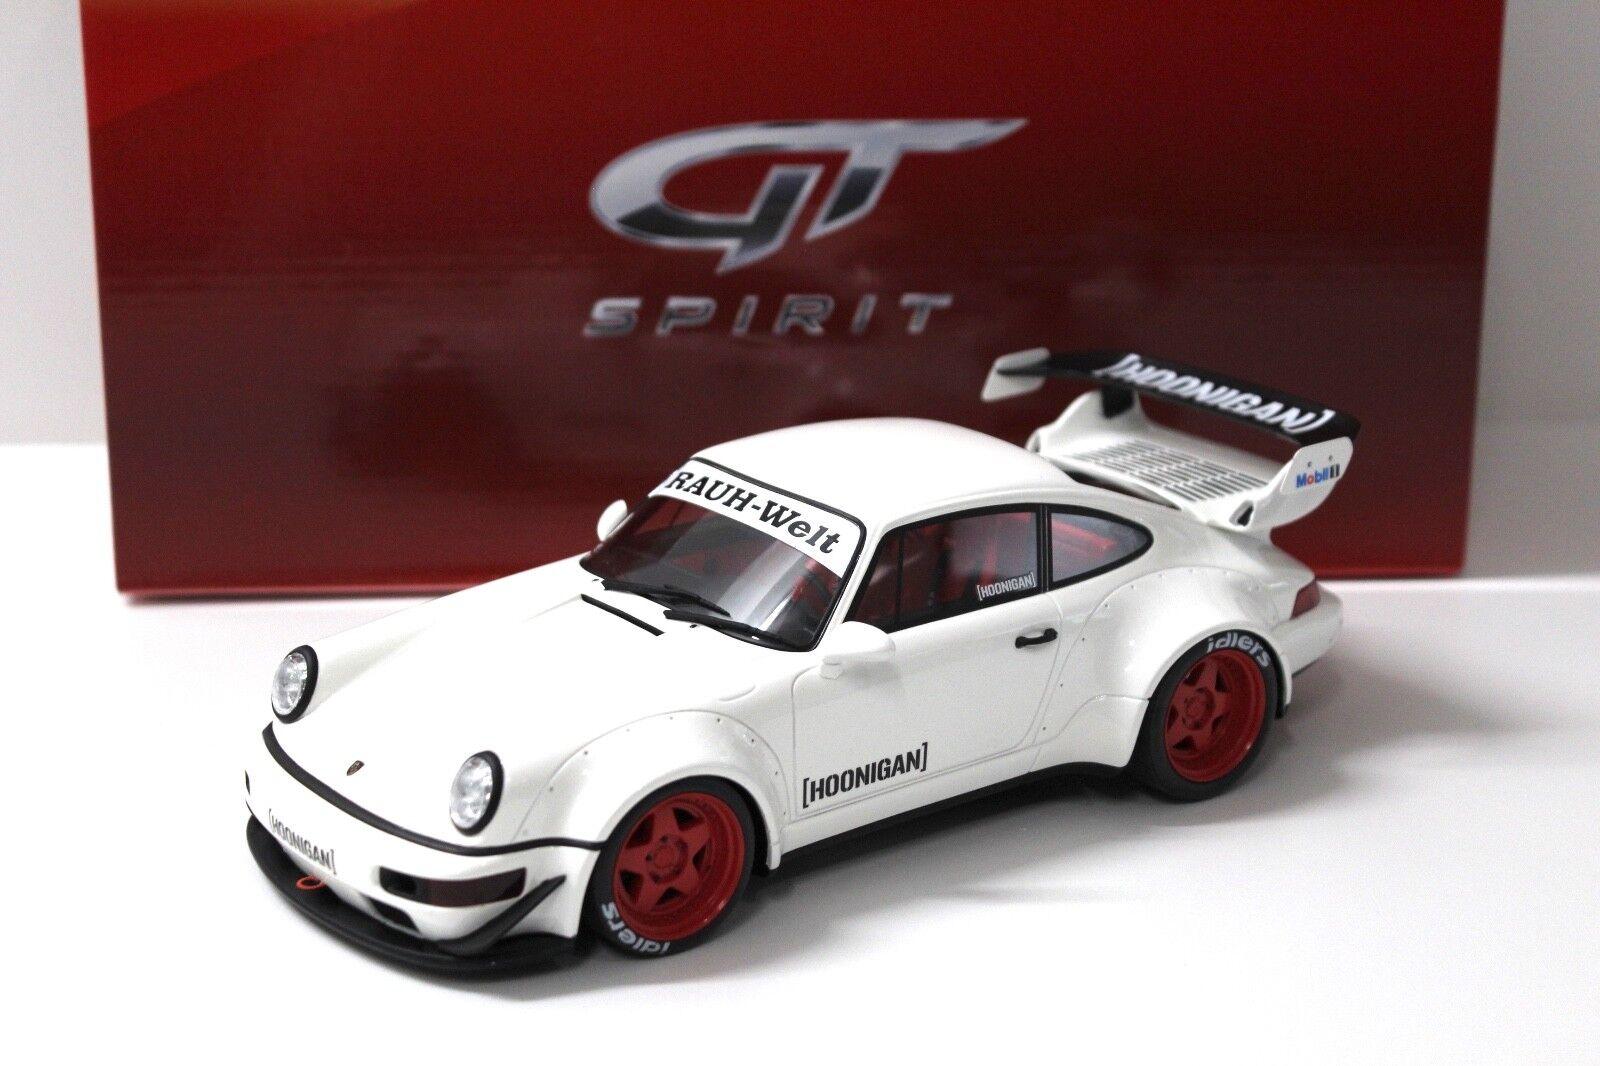 1 18 GT Spirit Porsche 964 RWB Hoonigan RAUH white NEW bei PREMIUM-MODELCARS